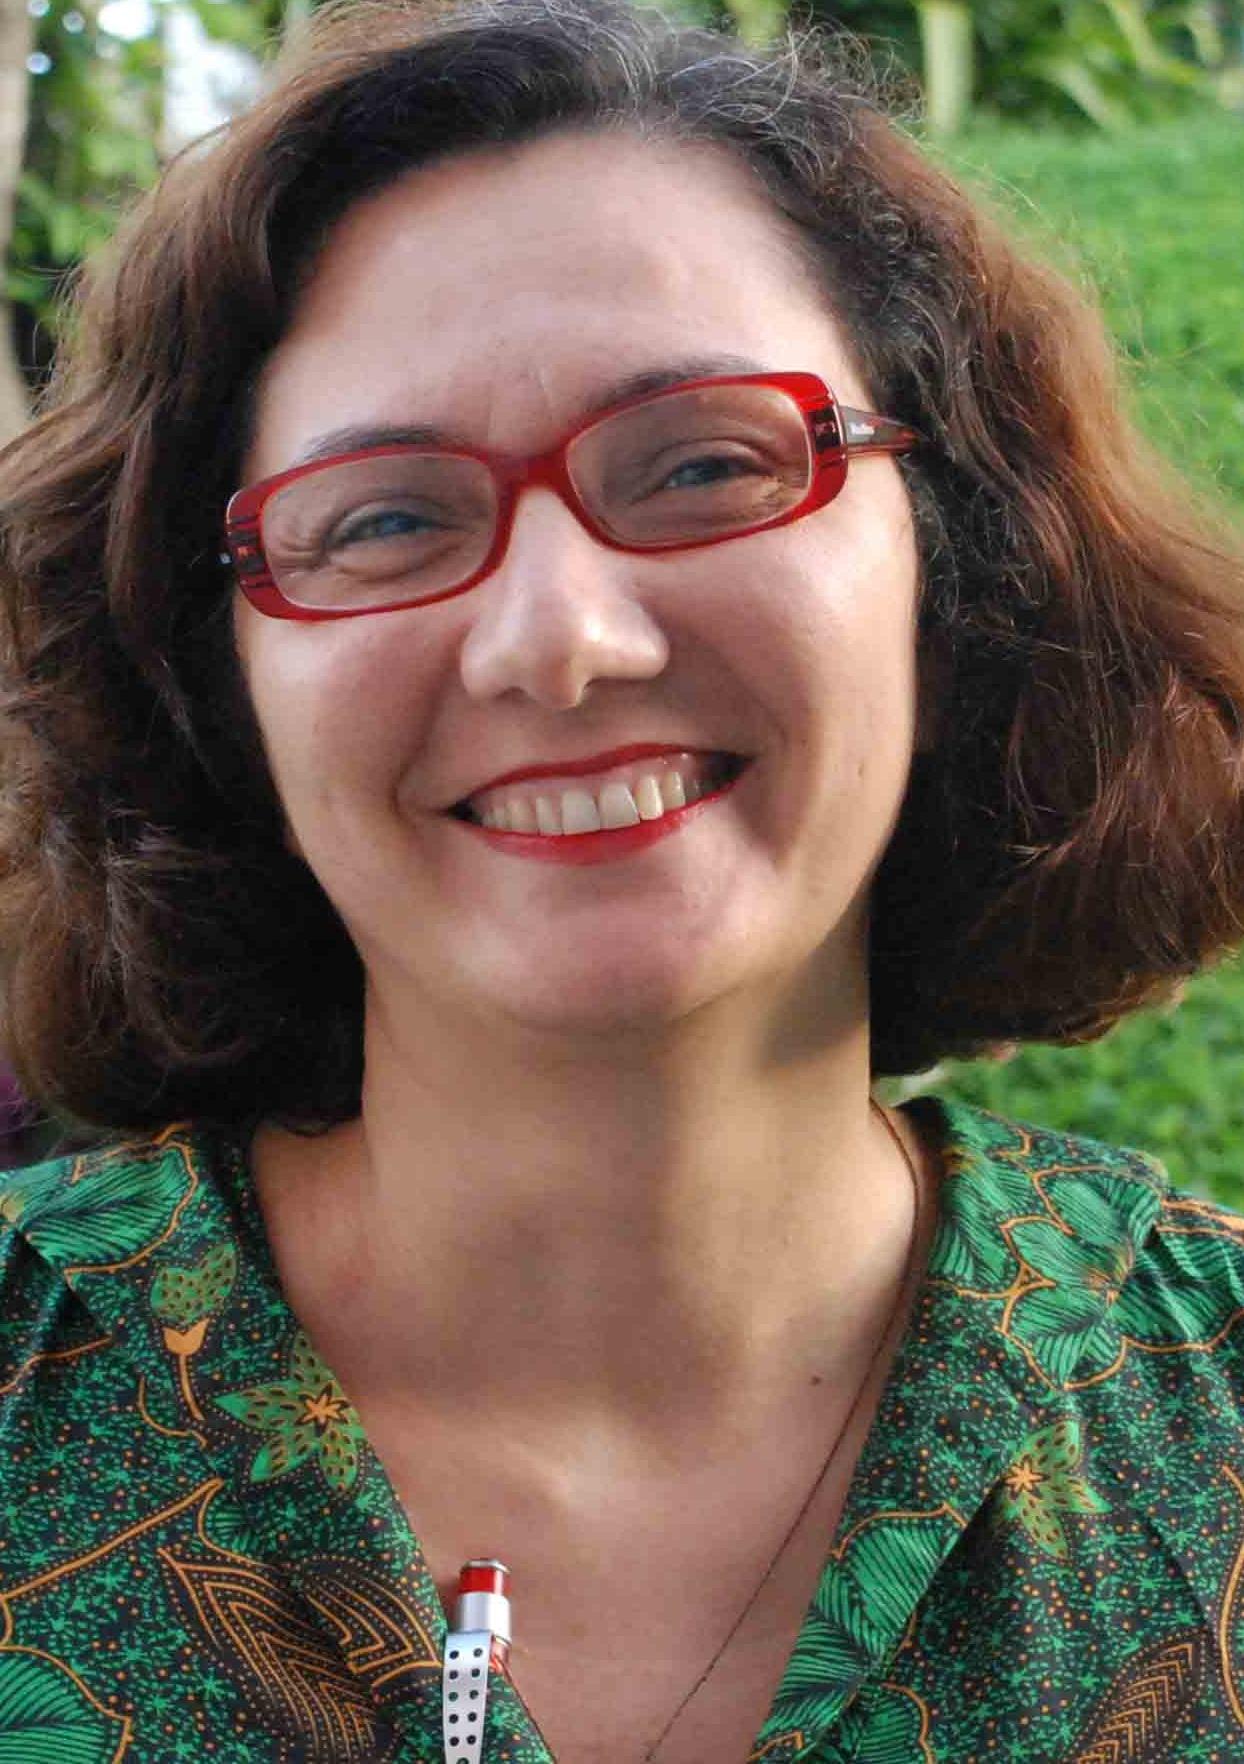 Lynn Rosalina Gama Alves